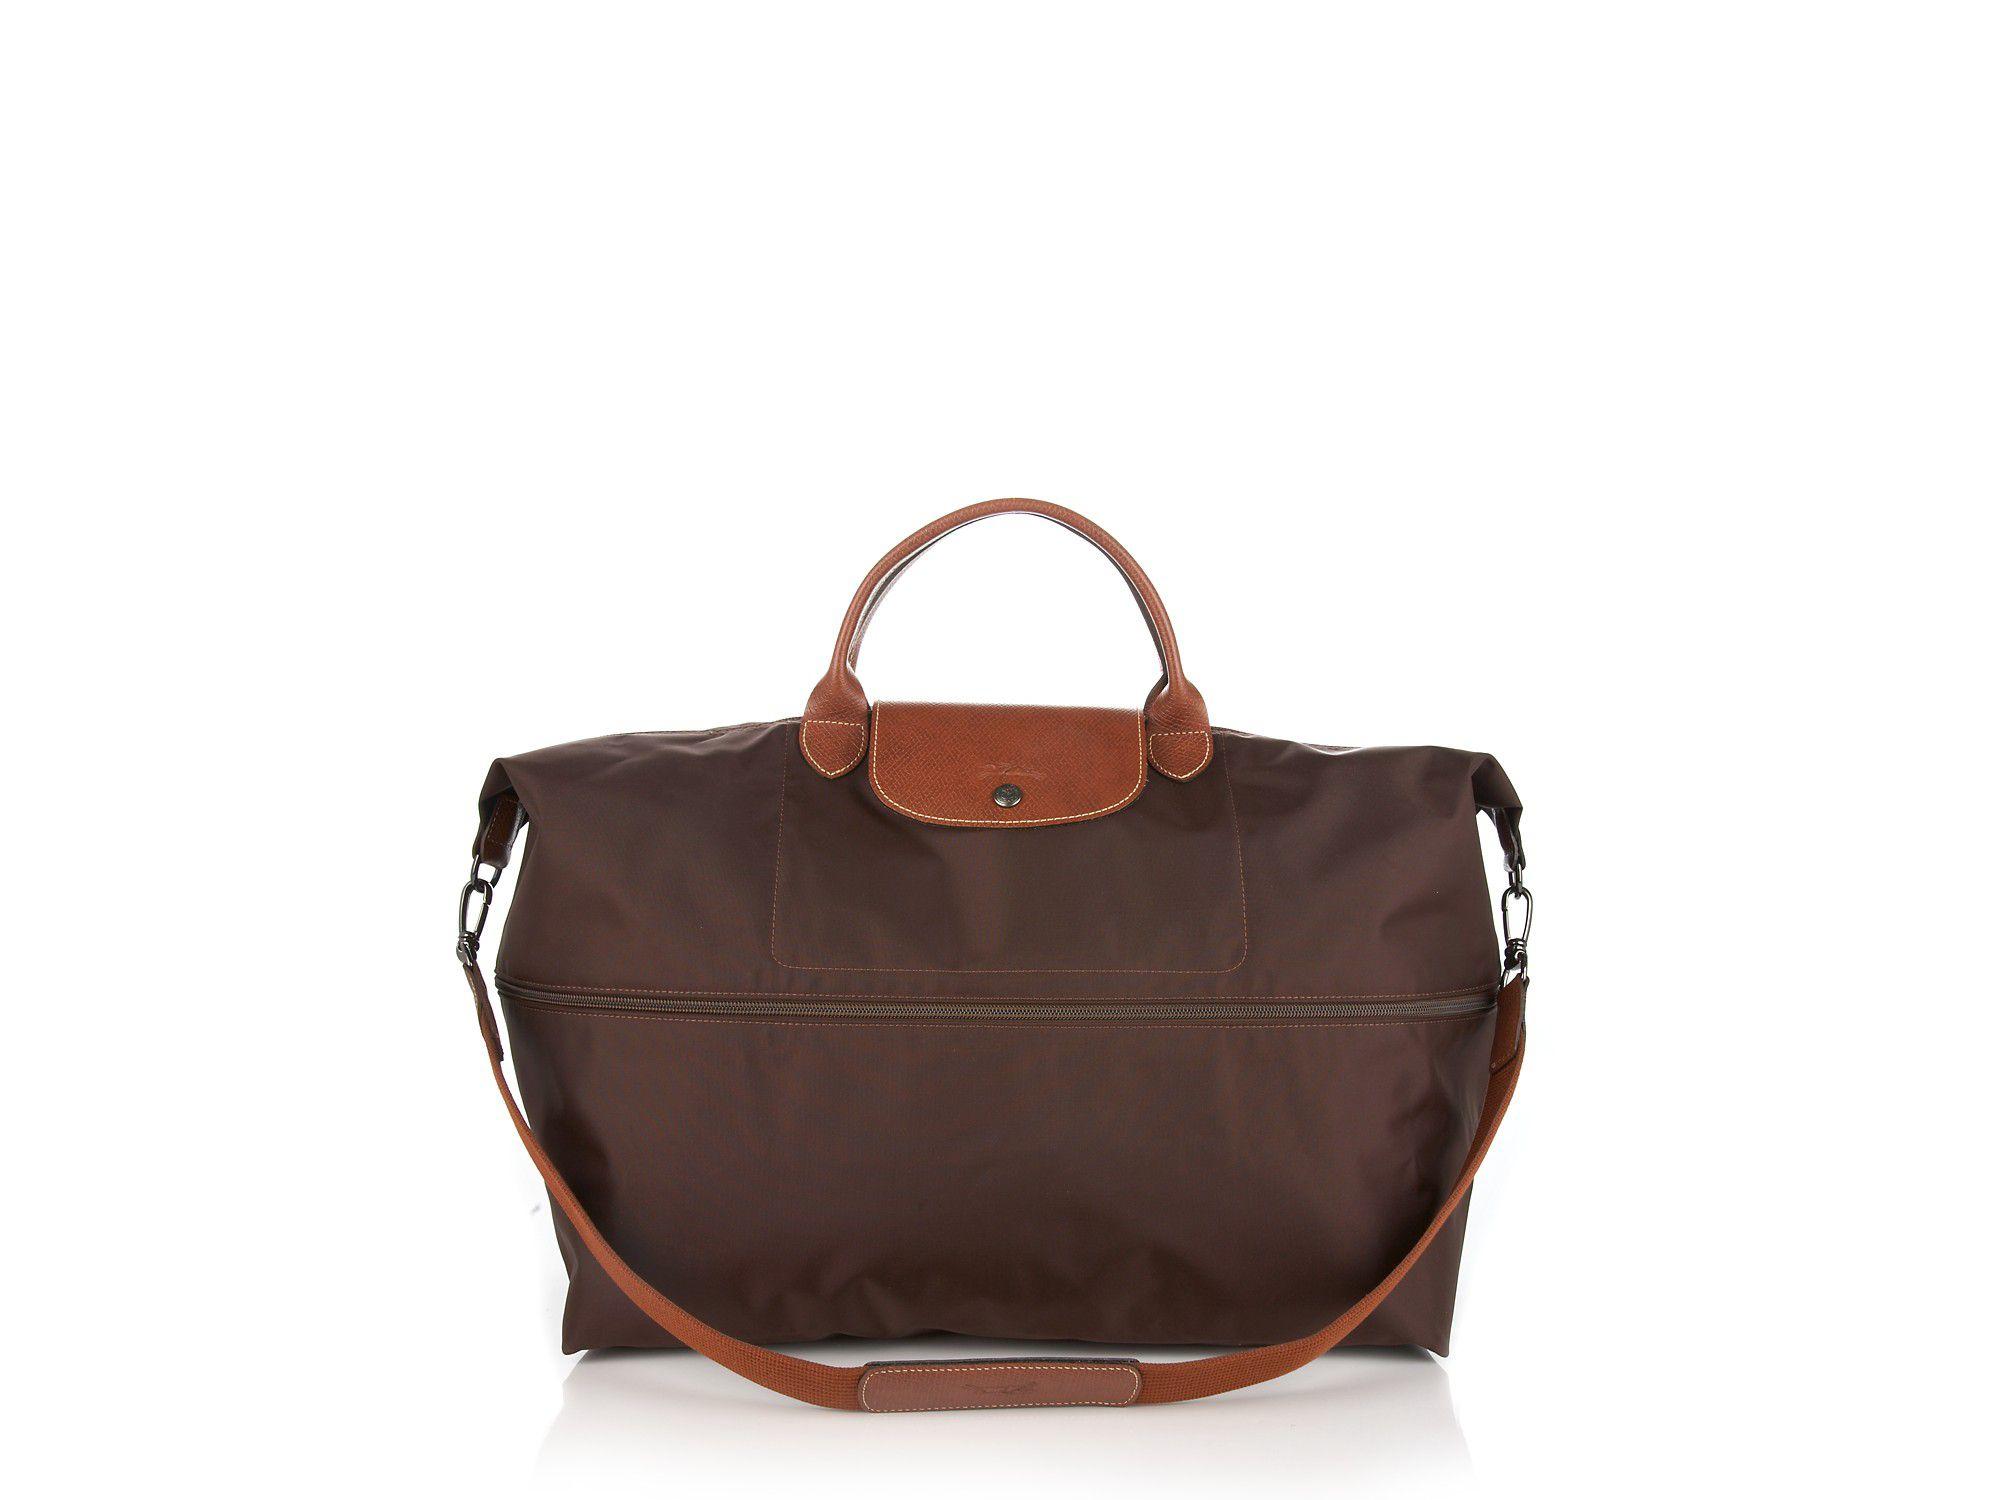 Longchamp Le Pliage Expandable Travel Duffel Tote Sale